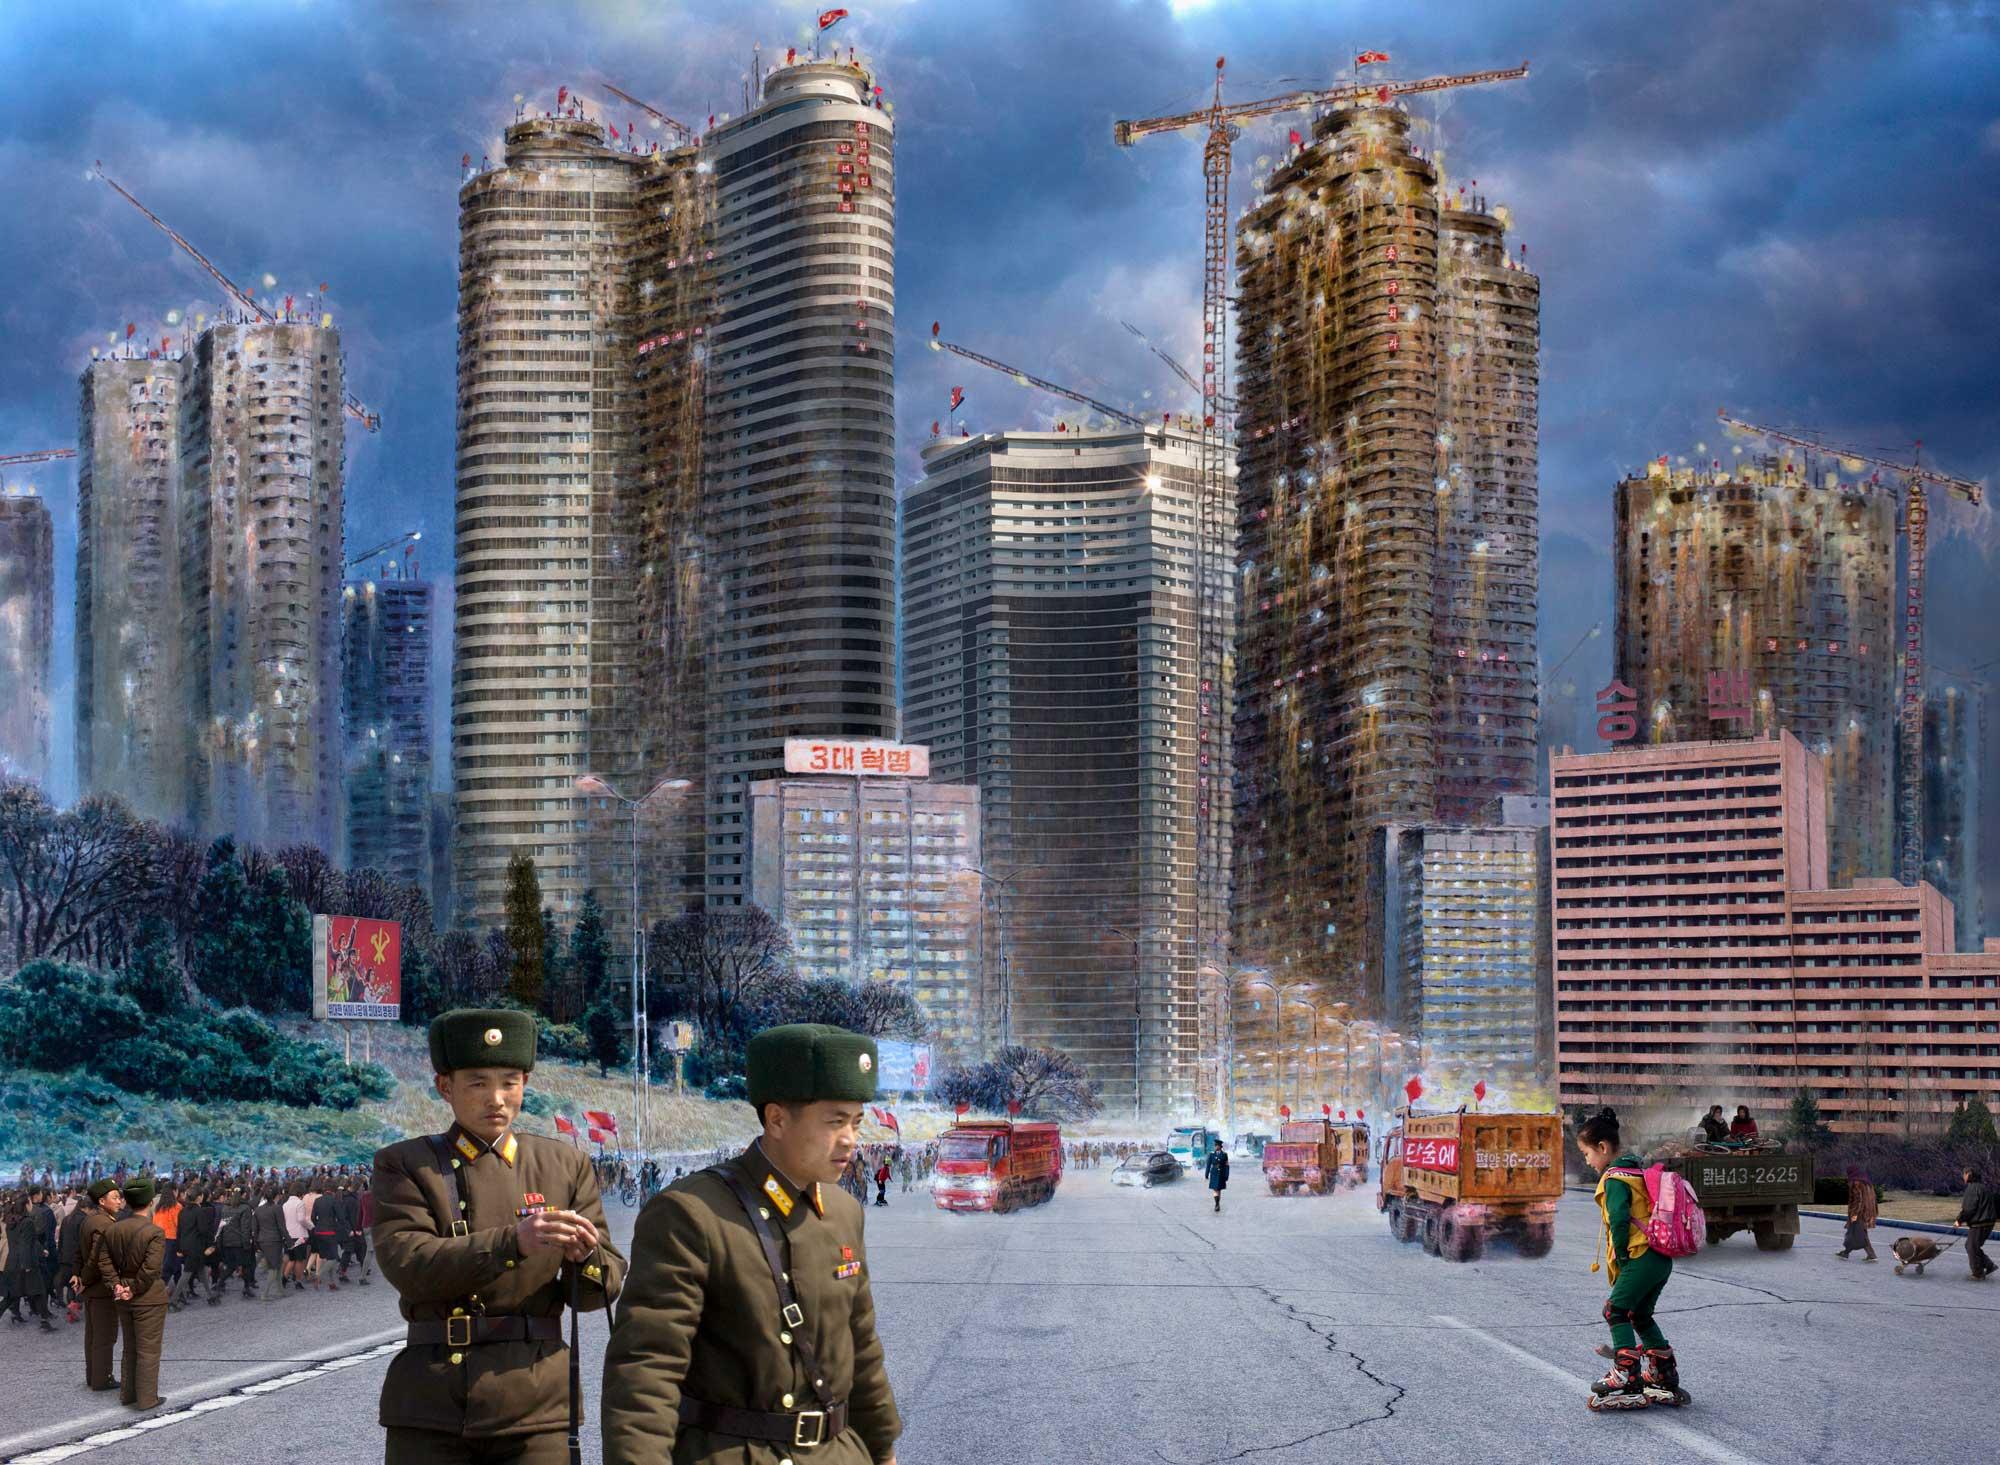 Pyongyang. From series North Korea - A Life between Propaganda and Reality.